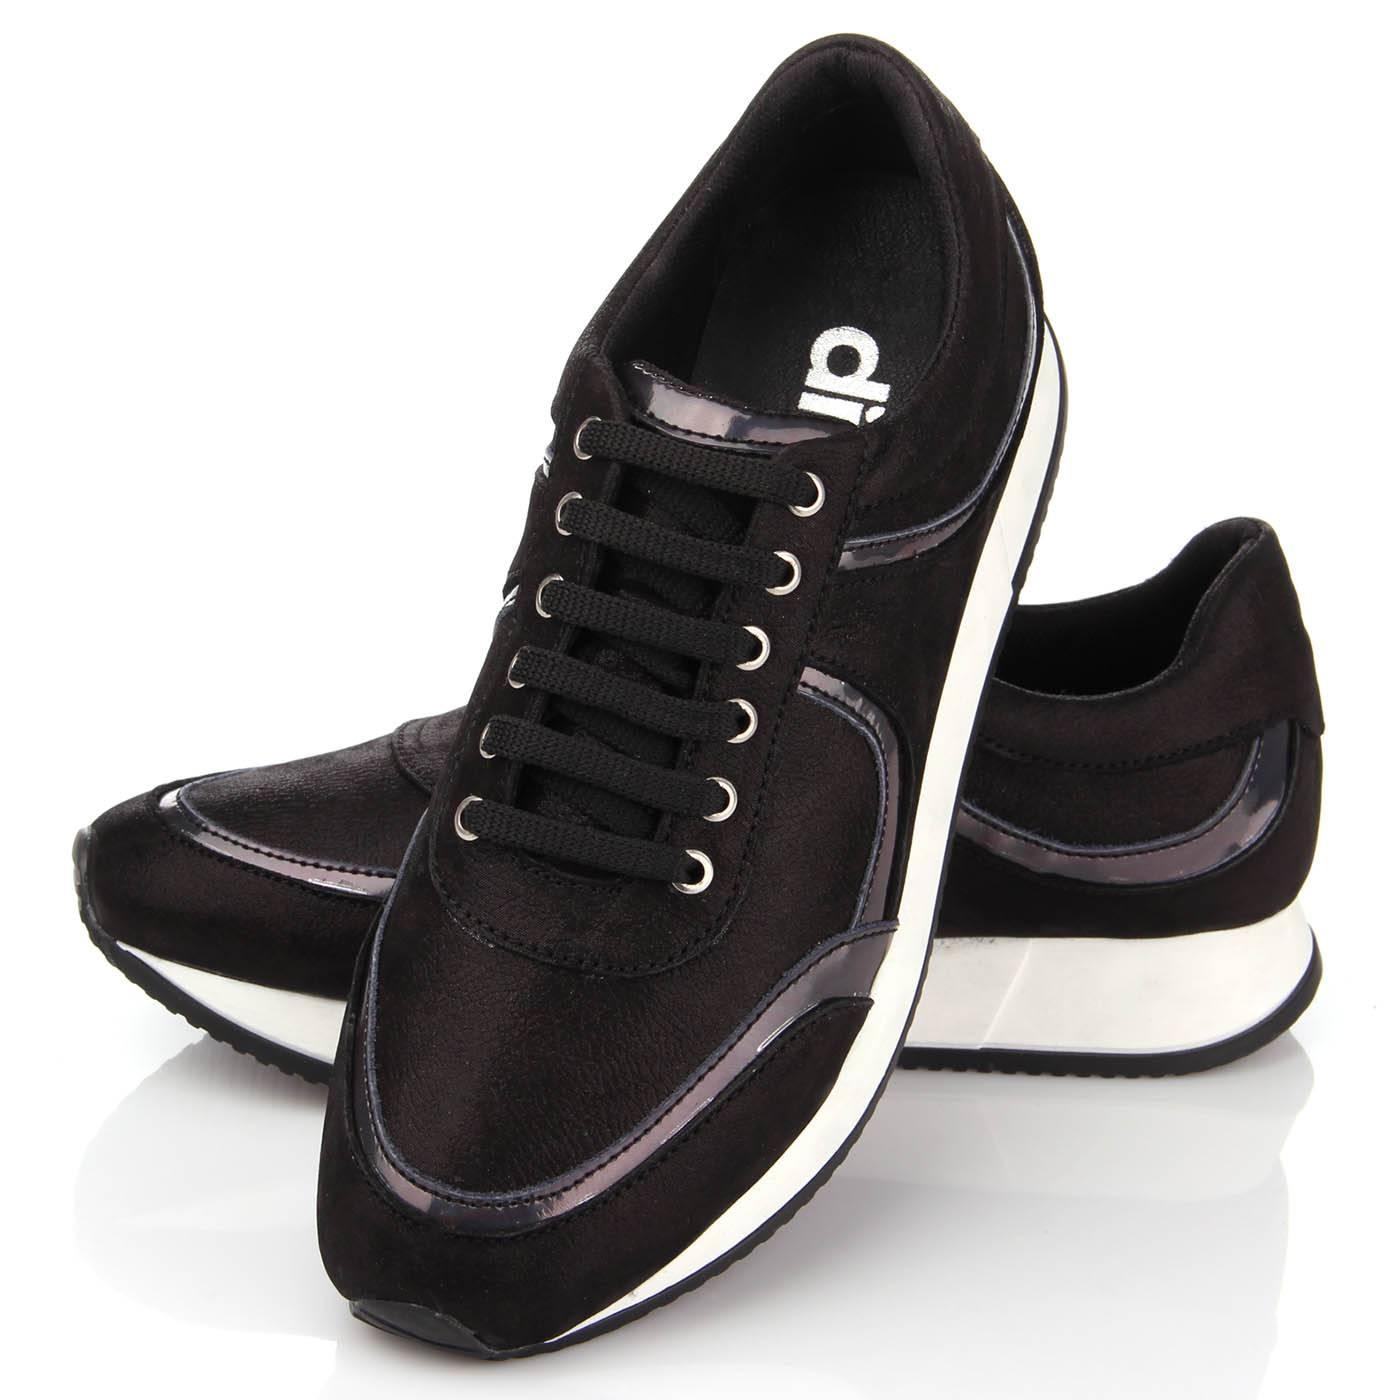 Кросівки жіночі ditto 5864 Чорний купить по выгодной цене в интернет ... f7ec726d54dd1